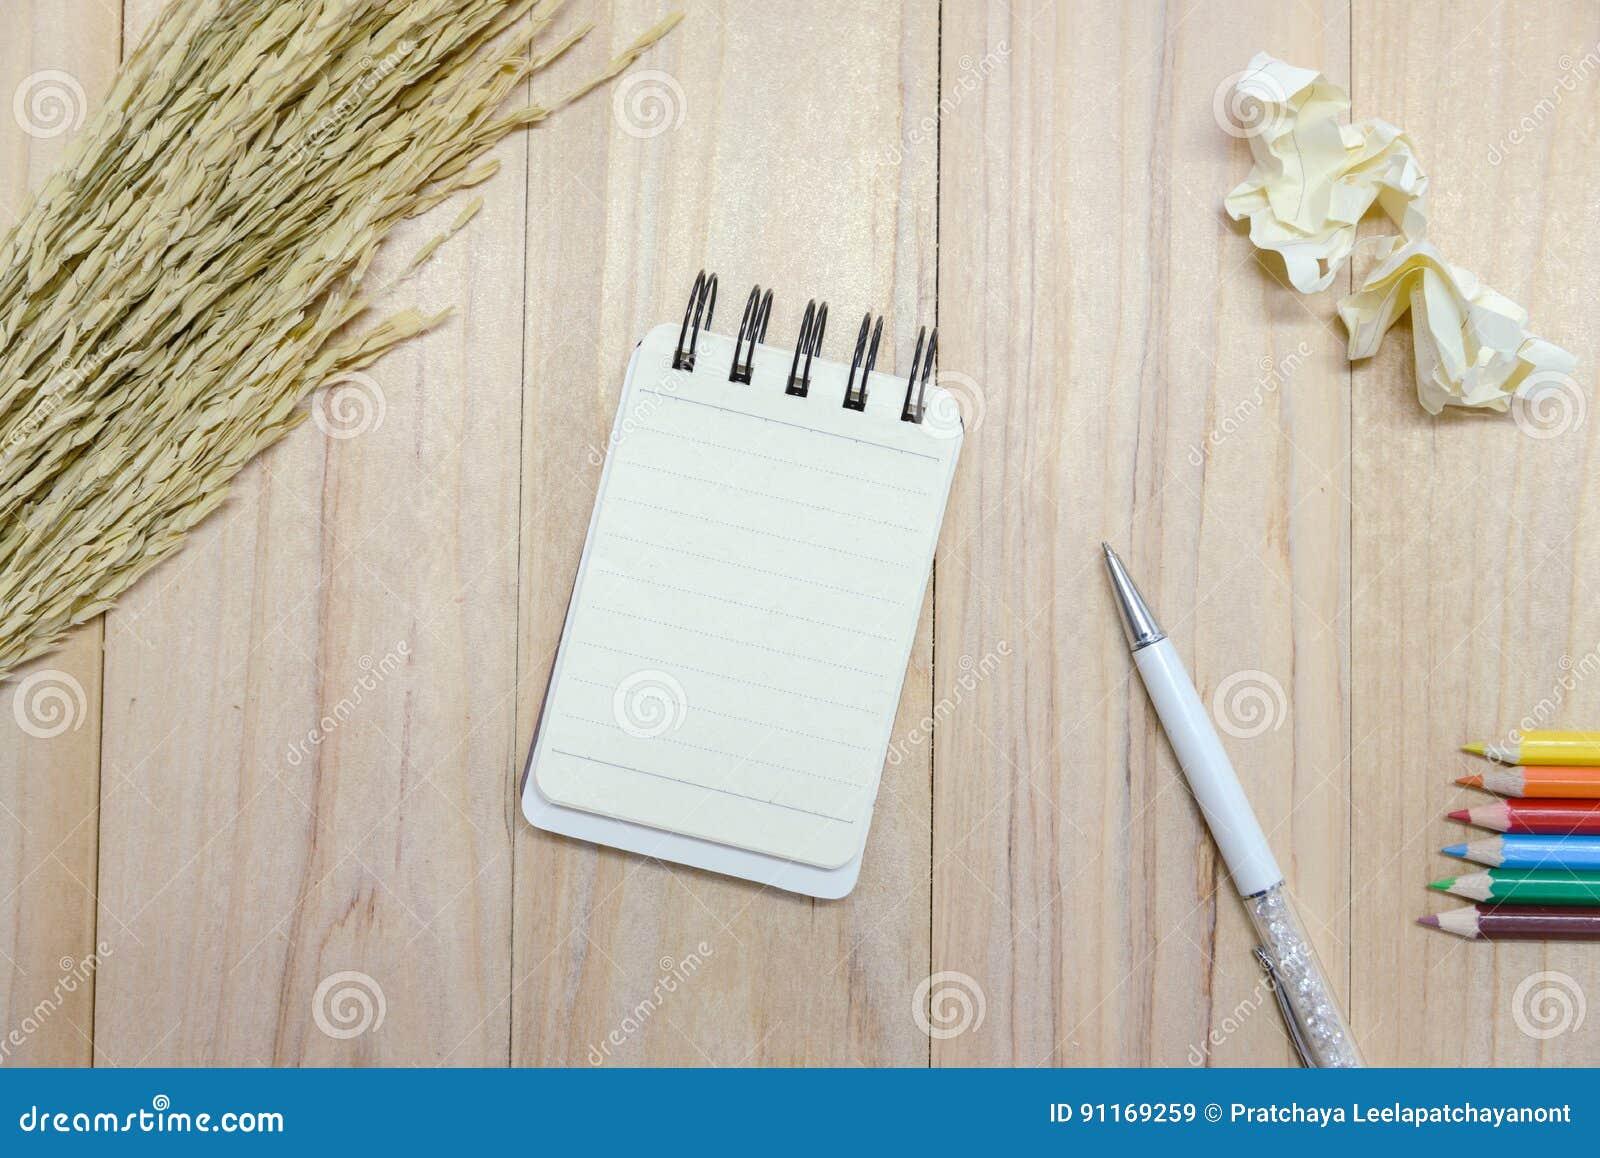 Pequeña Libreta Del Papel De Cuaderno Para Escribir La Información